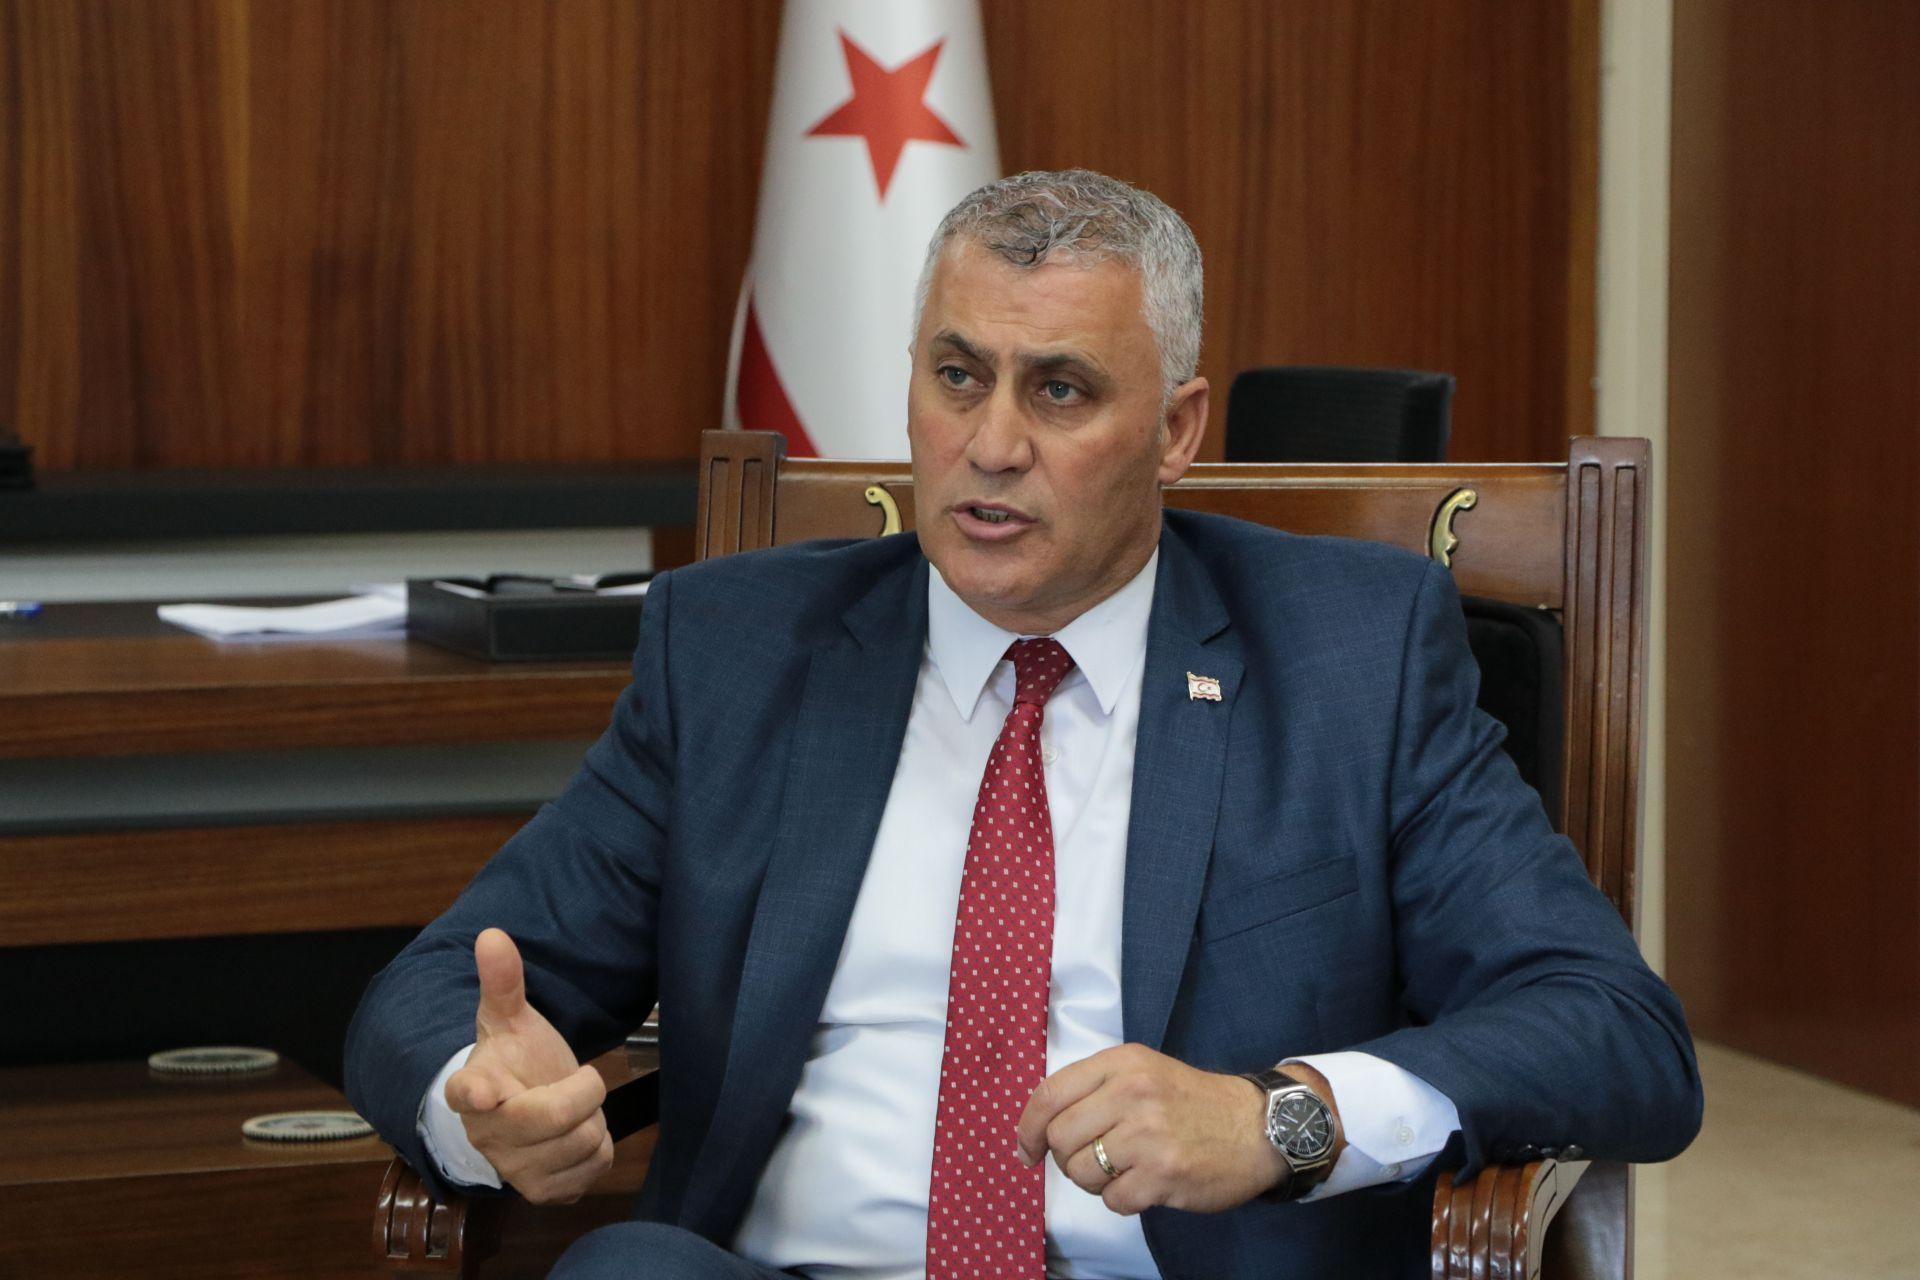 Maliye Bakanı Amcaoğlu , mağusa Belediyesi'nin usulsüz avans aldığı iddialarının asılsız olduğunu söyledi